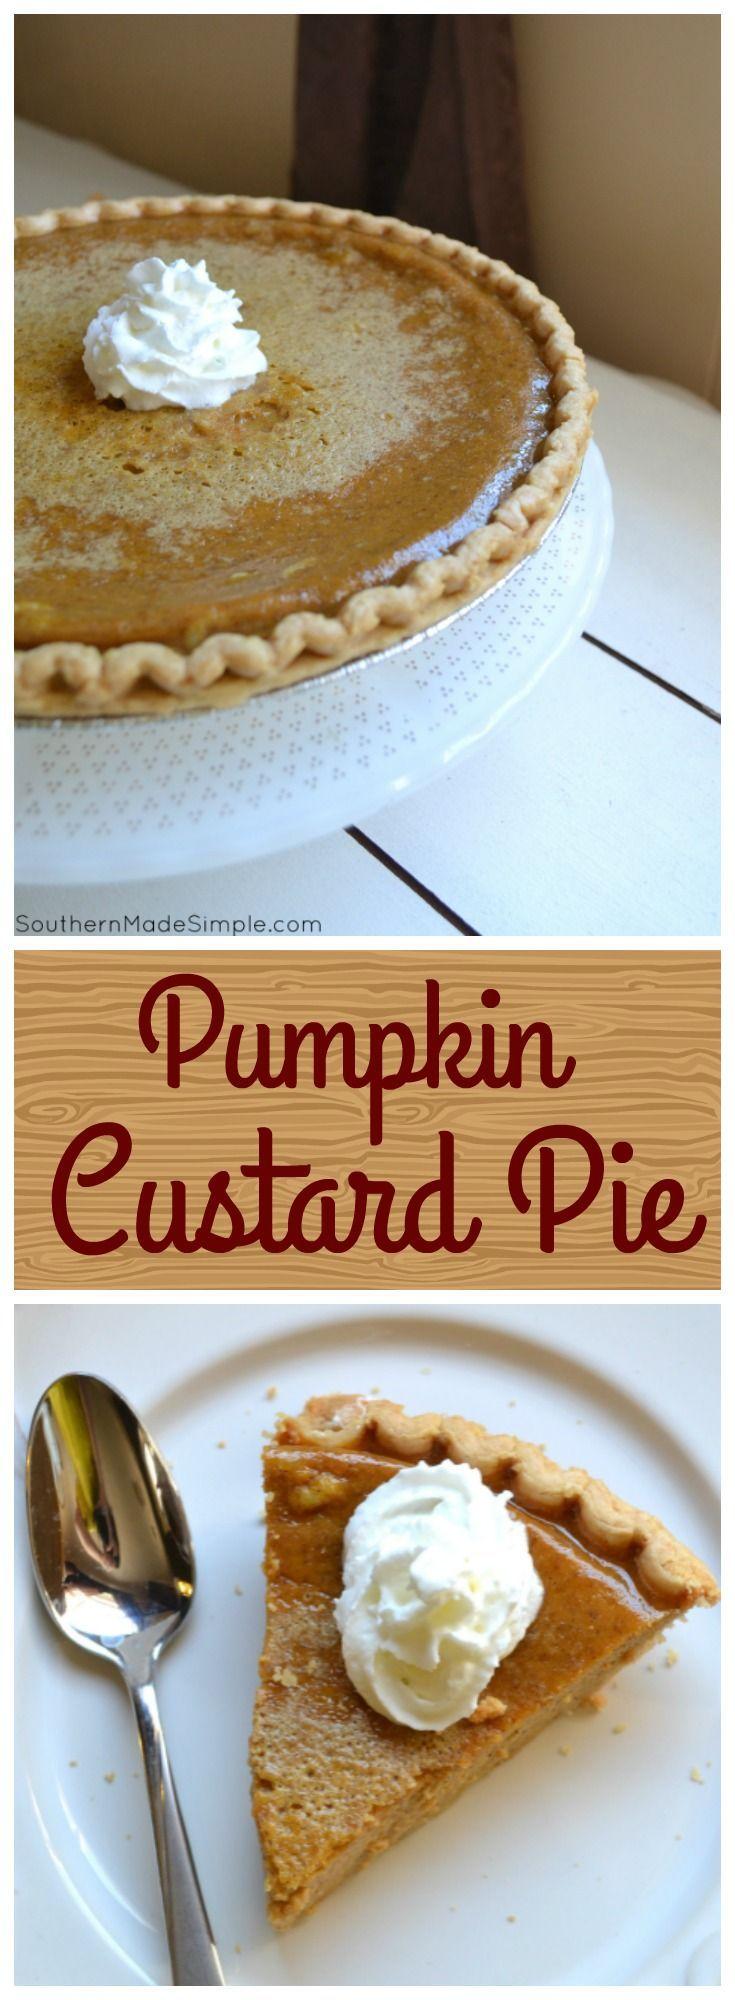 Best 25+ Recipe of custard ideas on Pinterest | Cream ...